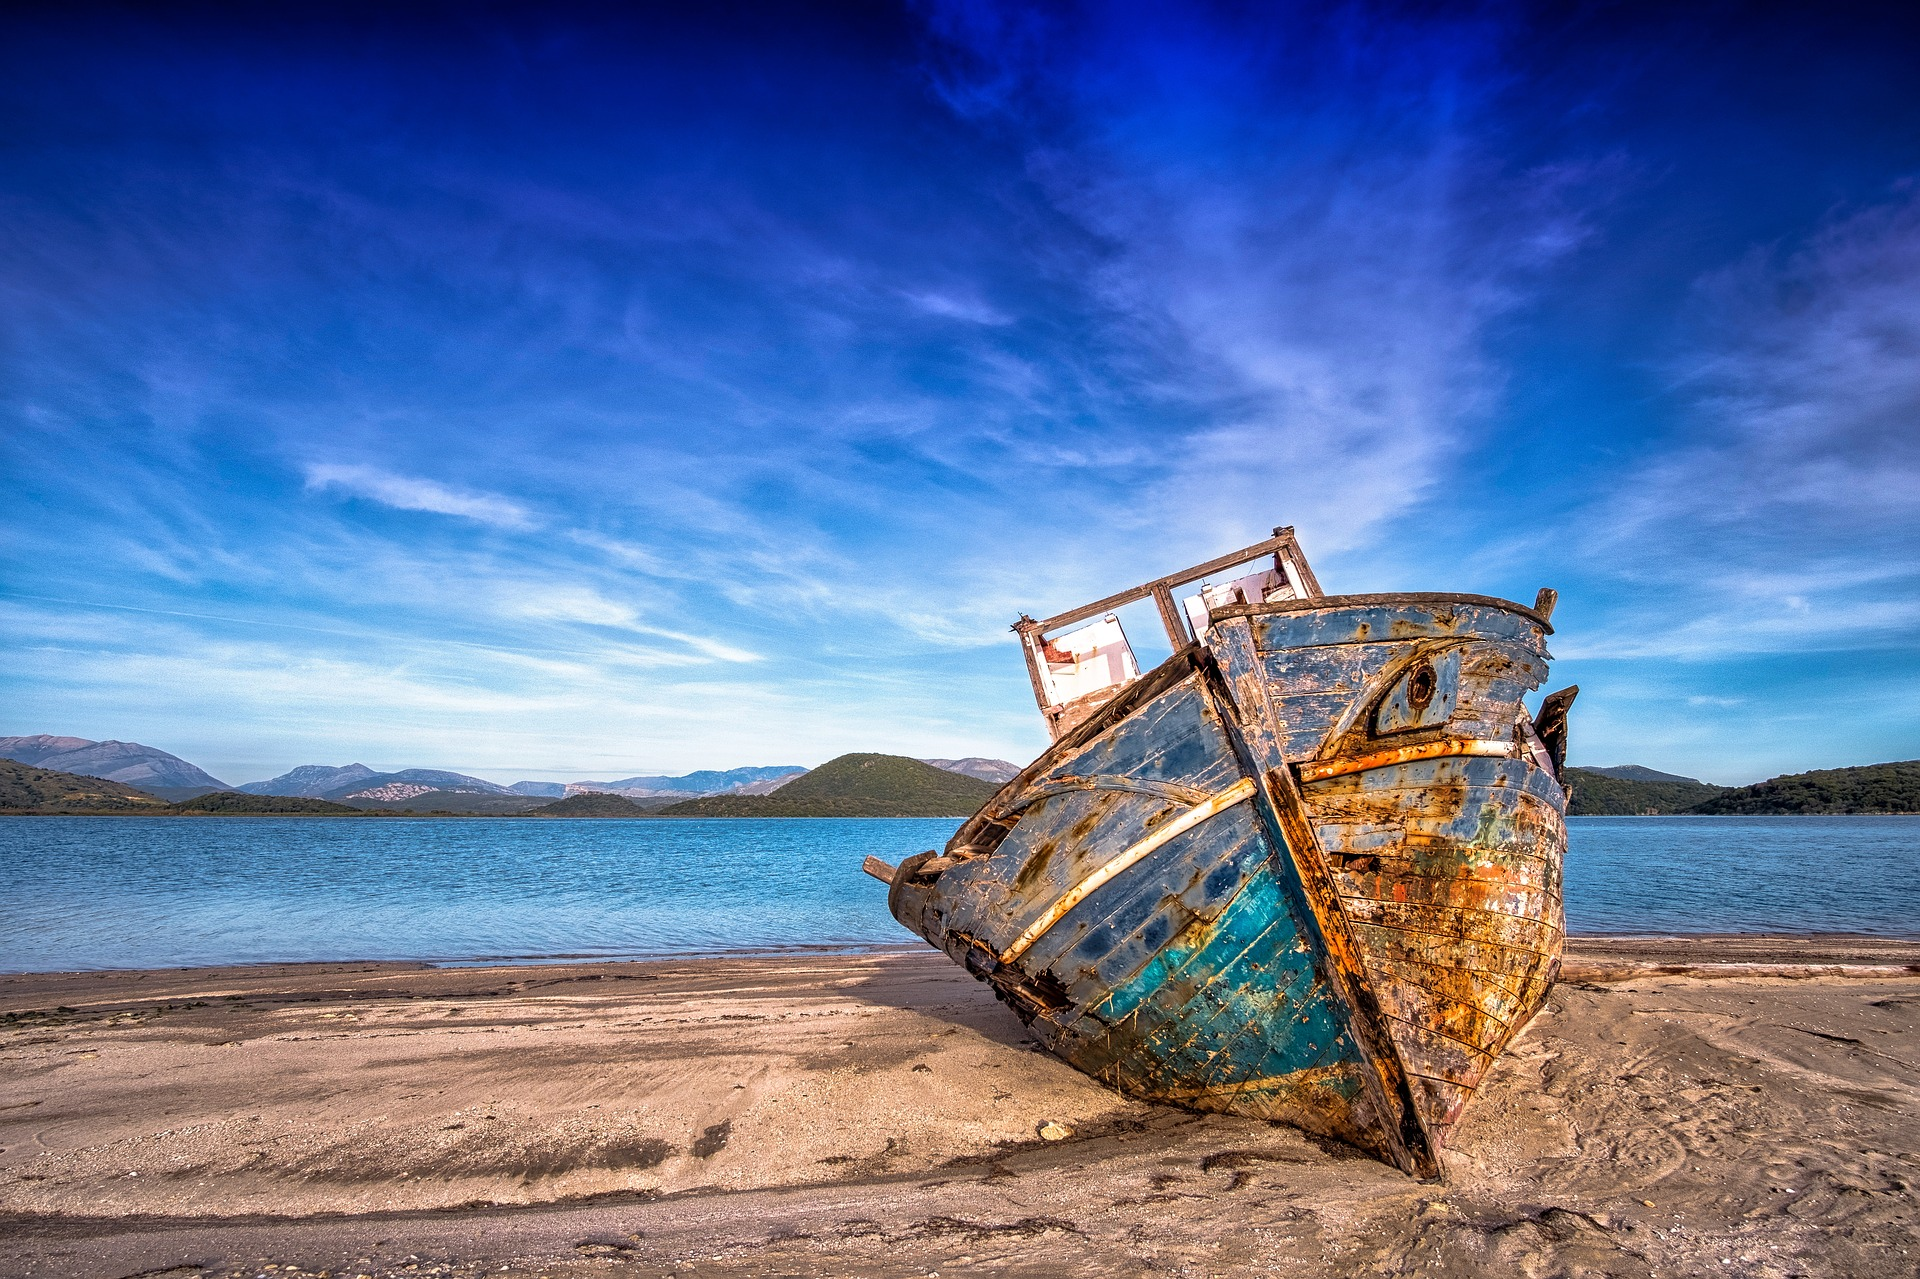 Certains bateaux s'échouent, tombent en ruine, faute de capitaine à bord !